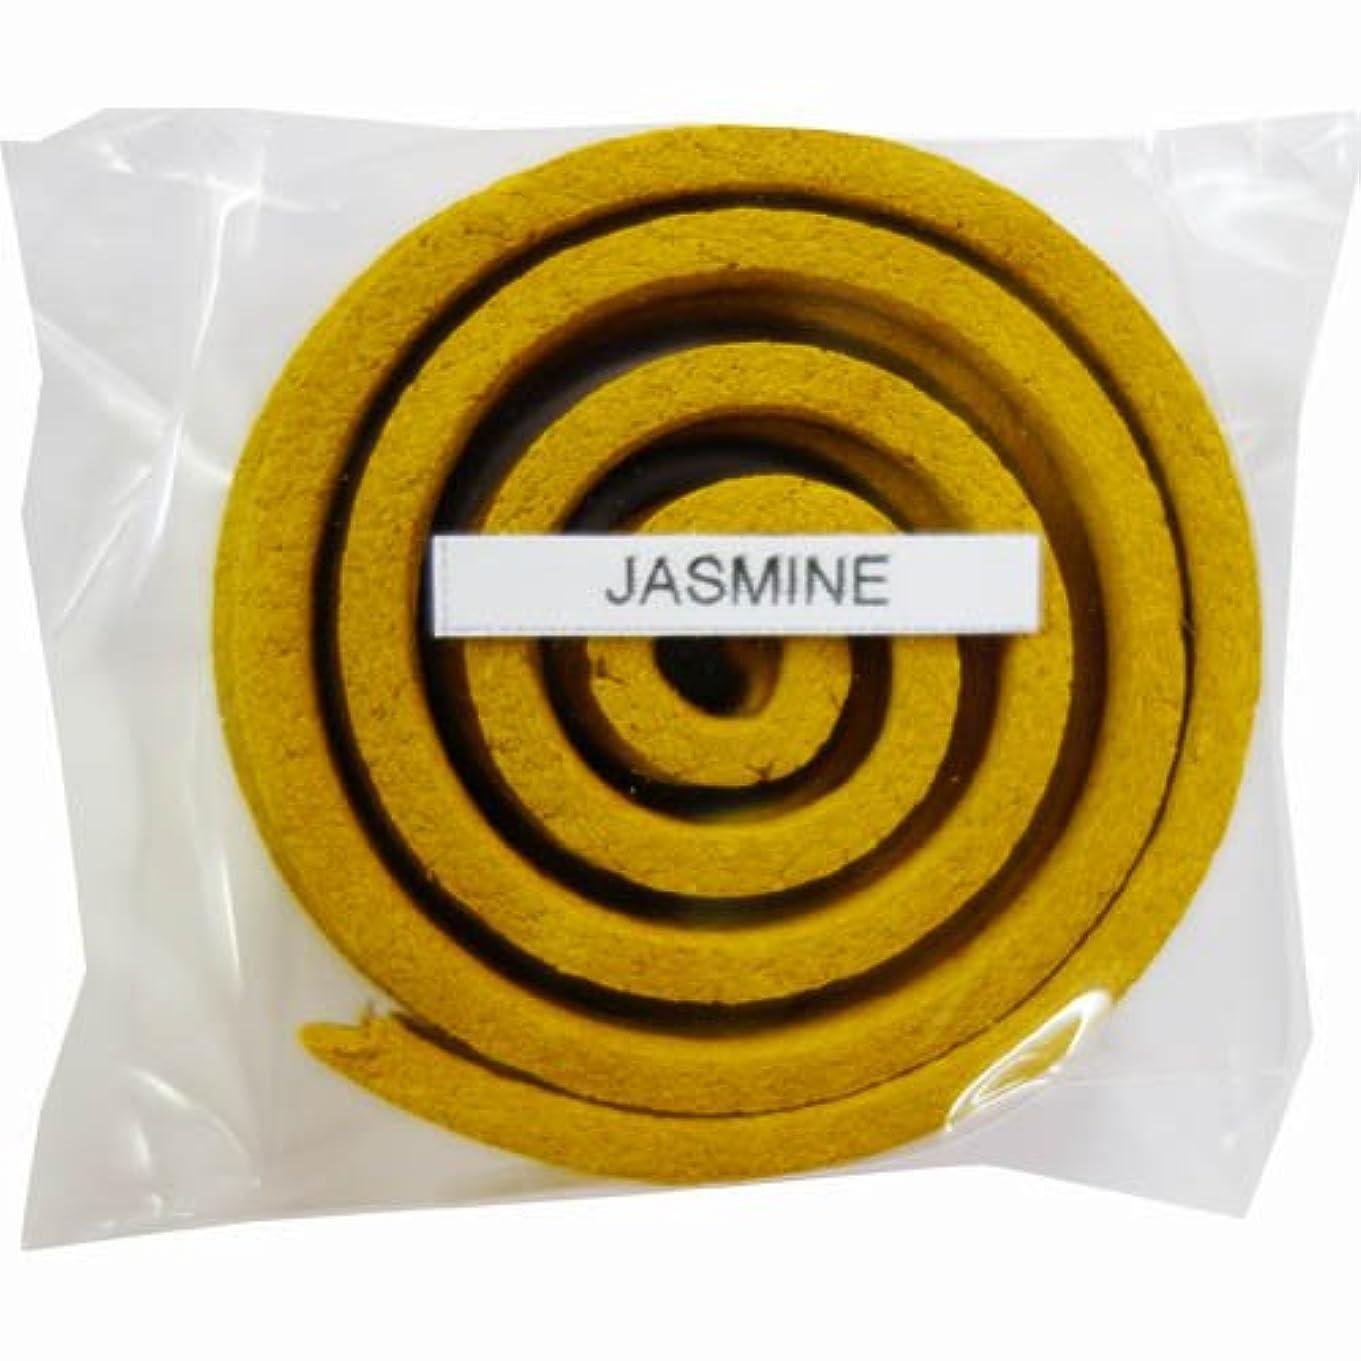 ポーズ人物何もないお香/うずまき香 JASMINE ジャスミン 直径5cm×5巻セット [並行輸入品]